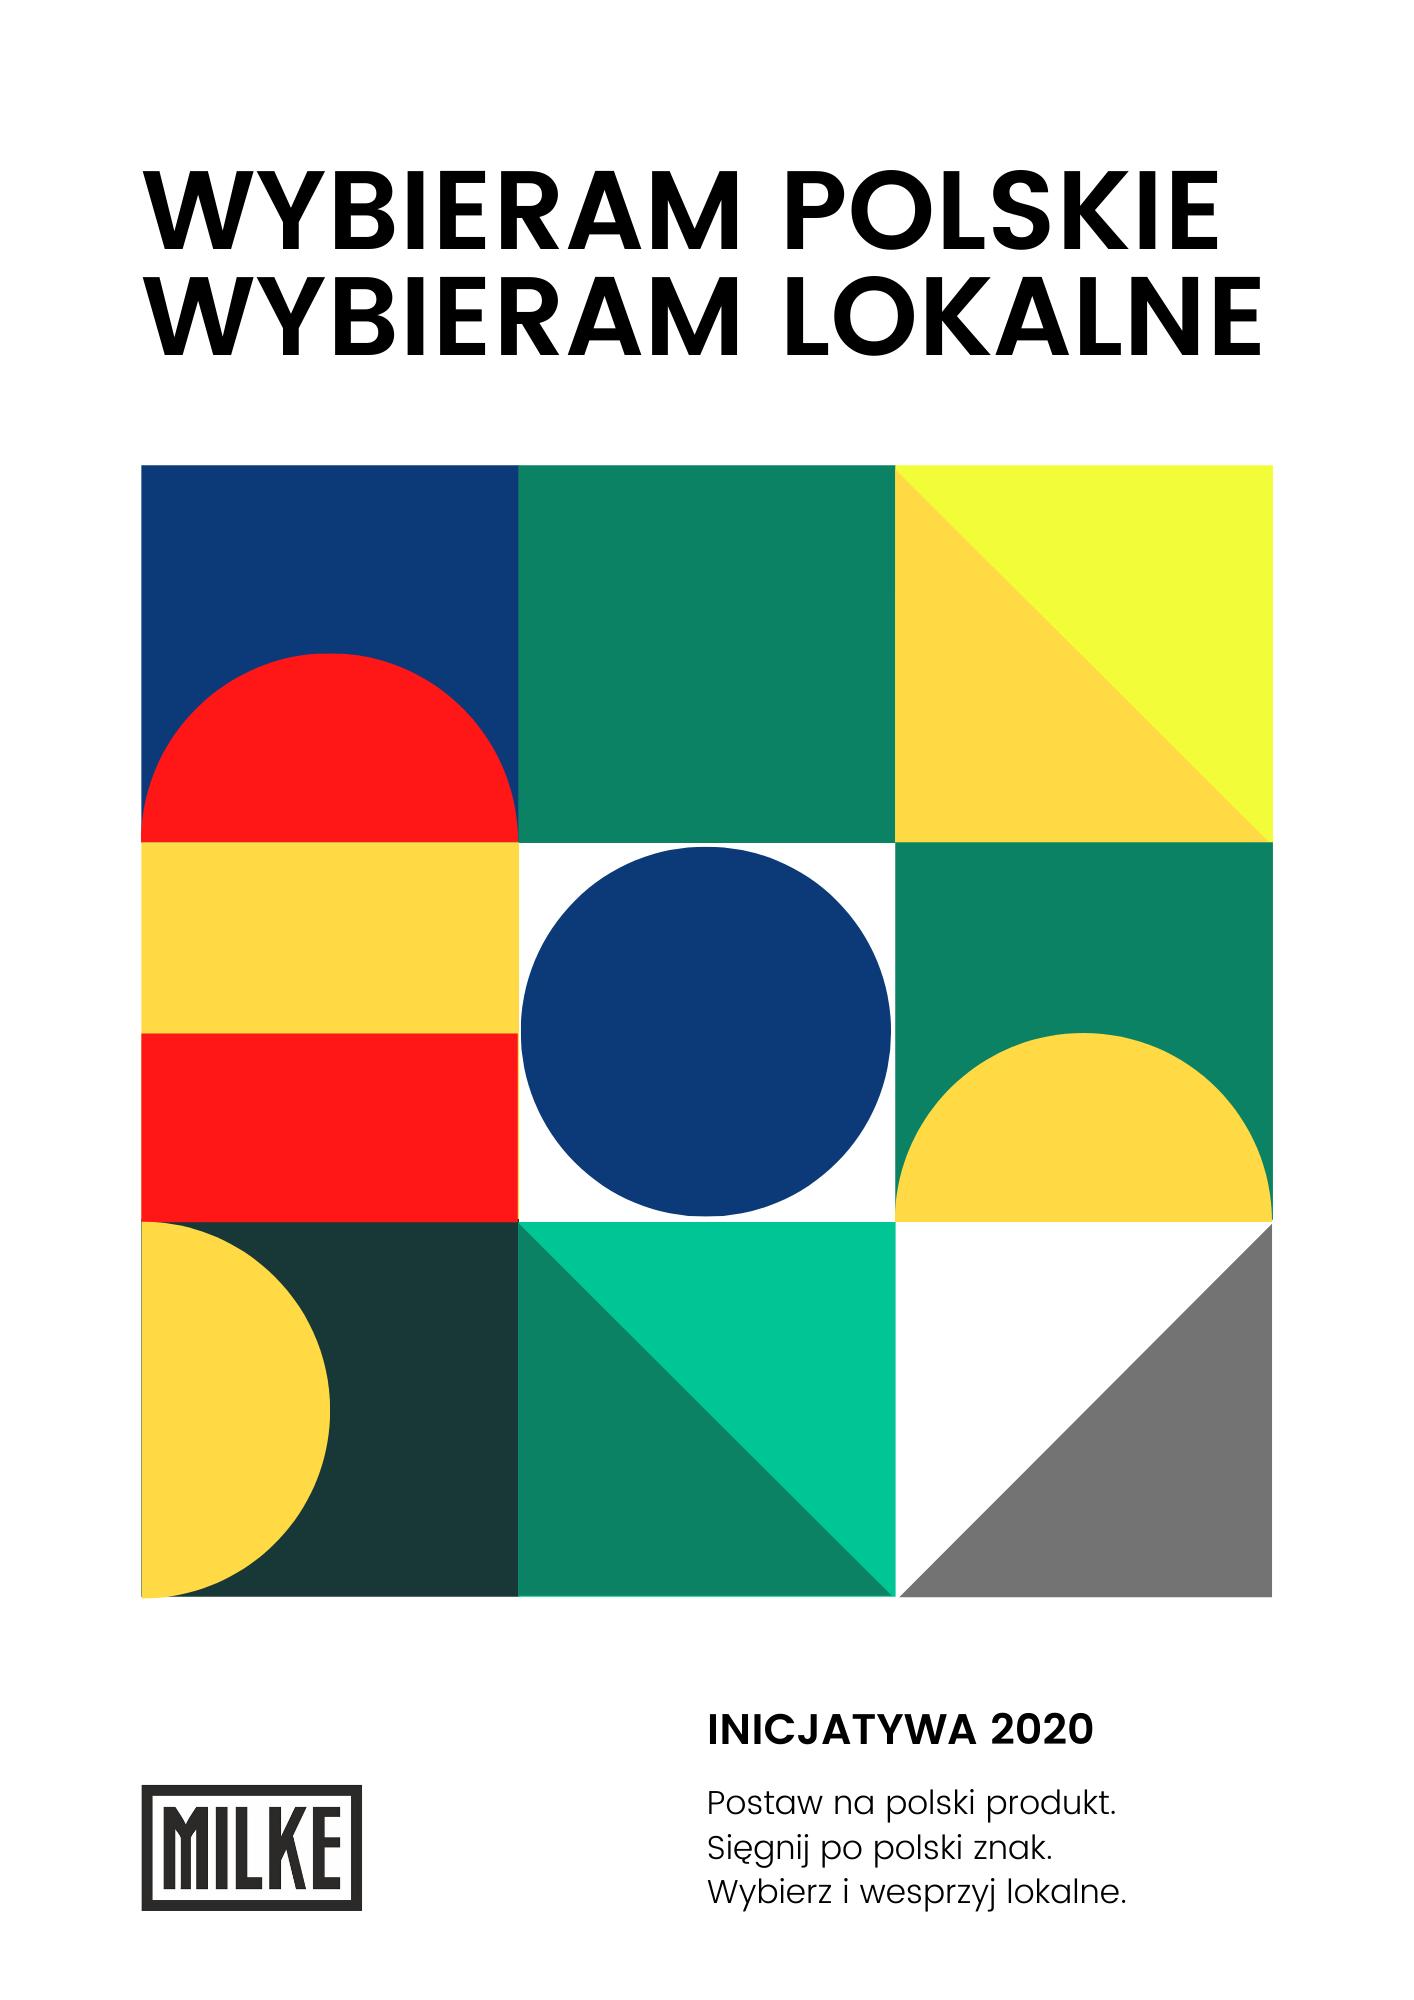 Inicjatywa Wybieram polskie Wybieram lokalne